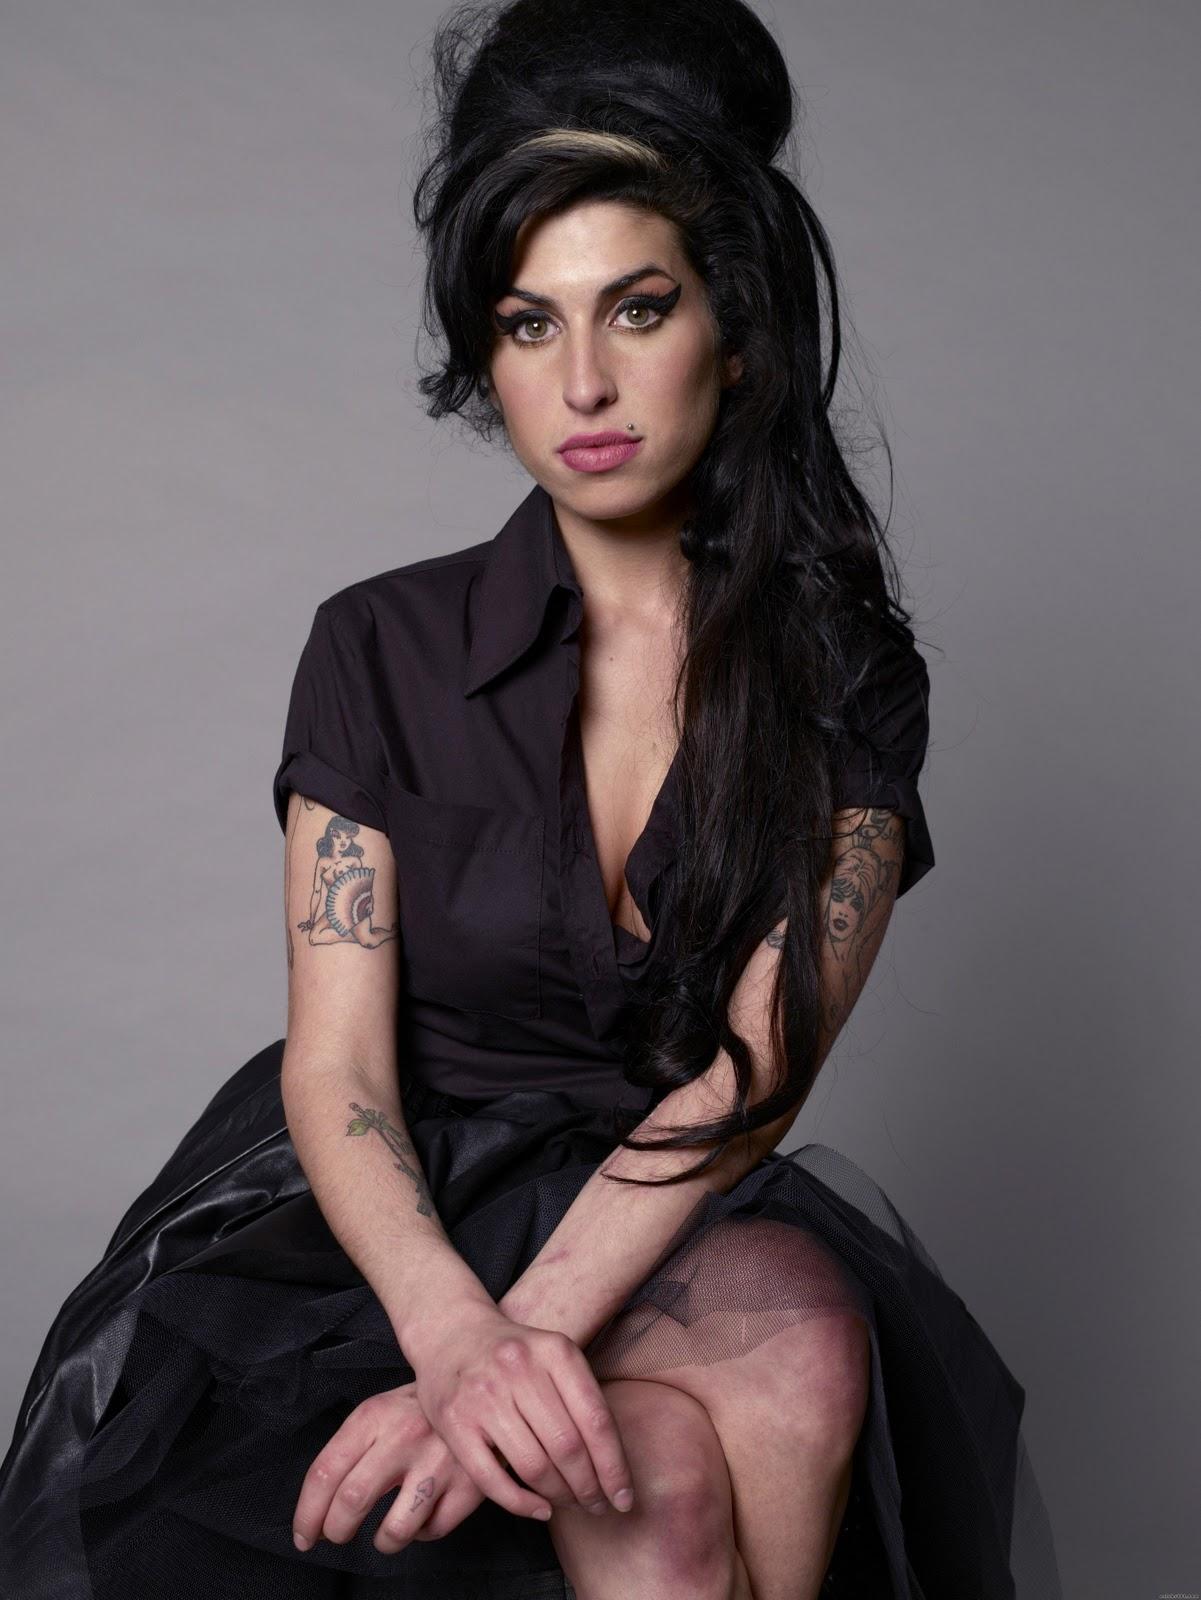 http://3.bp.blogspot.com/-cQk6F-8krEQ/Ti7xpXNYdmI/AAAAAAAAAL8/uFq7wevS5Xw/s1600/Amy_Winehouse_4.jpg